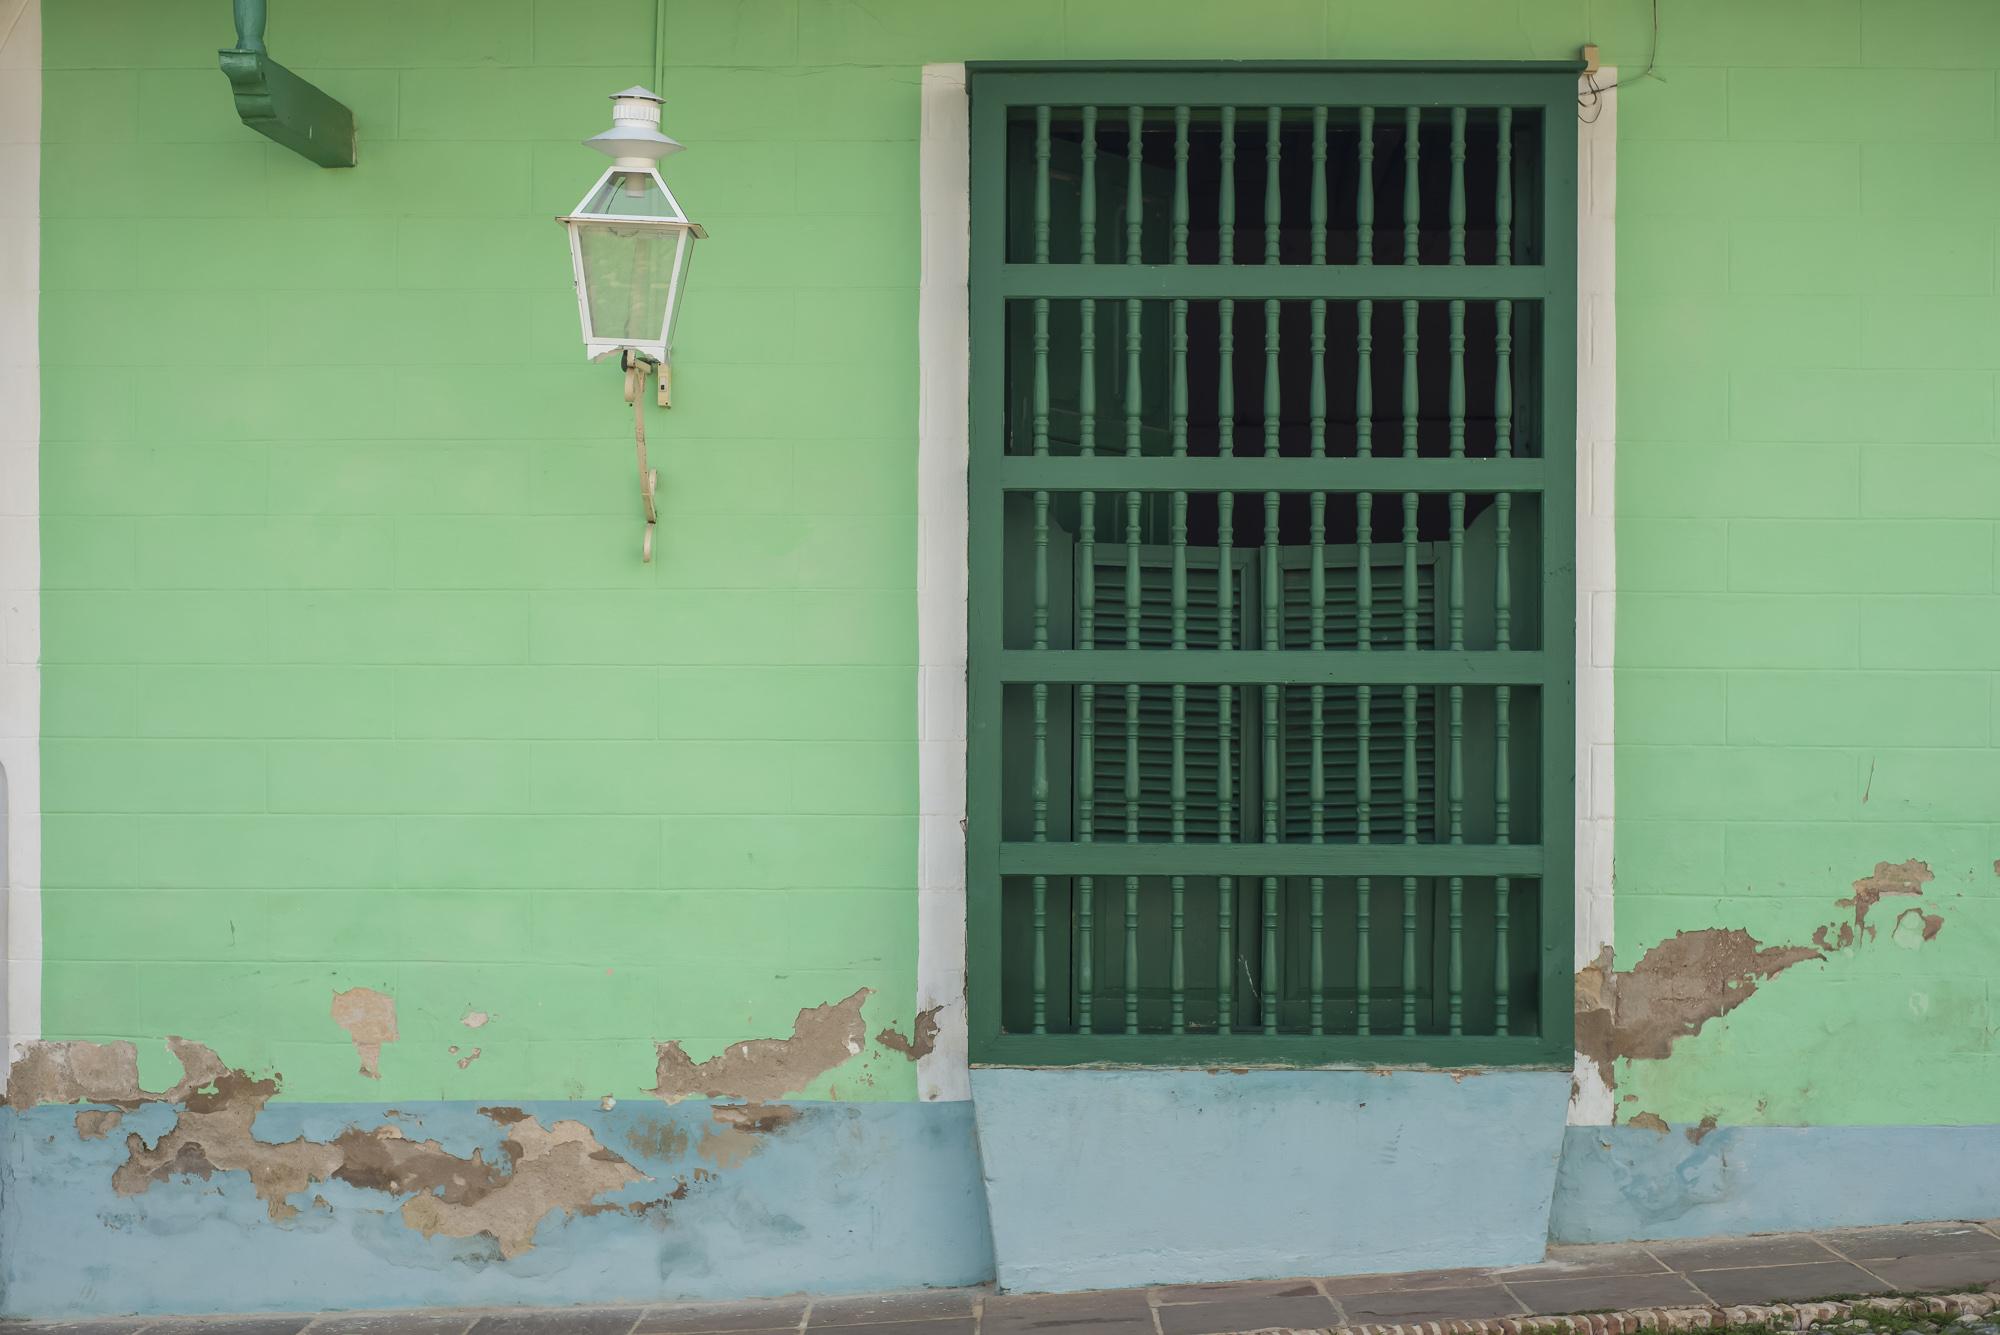 Cuba-8438.jpg